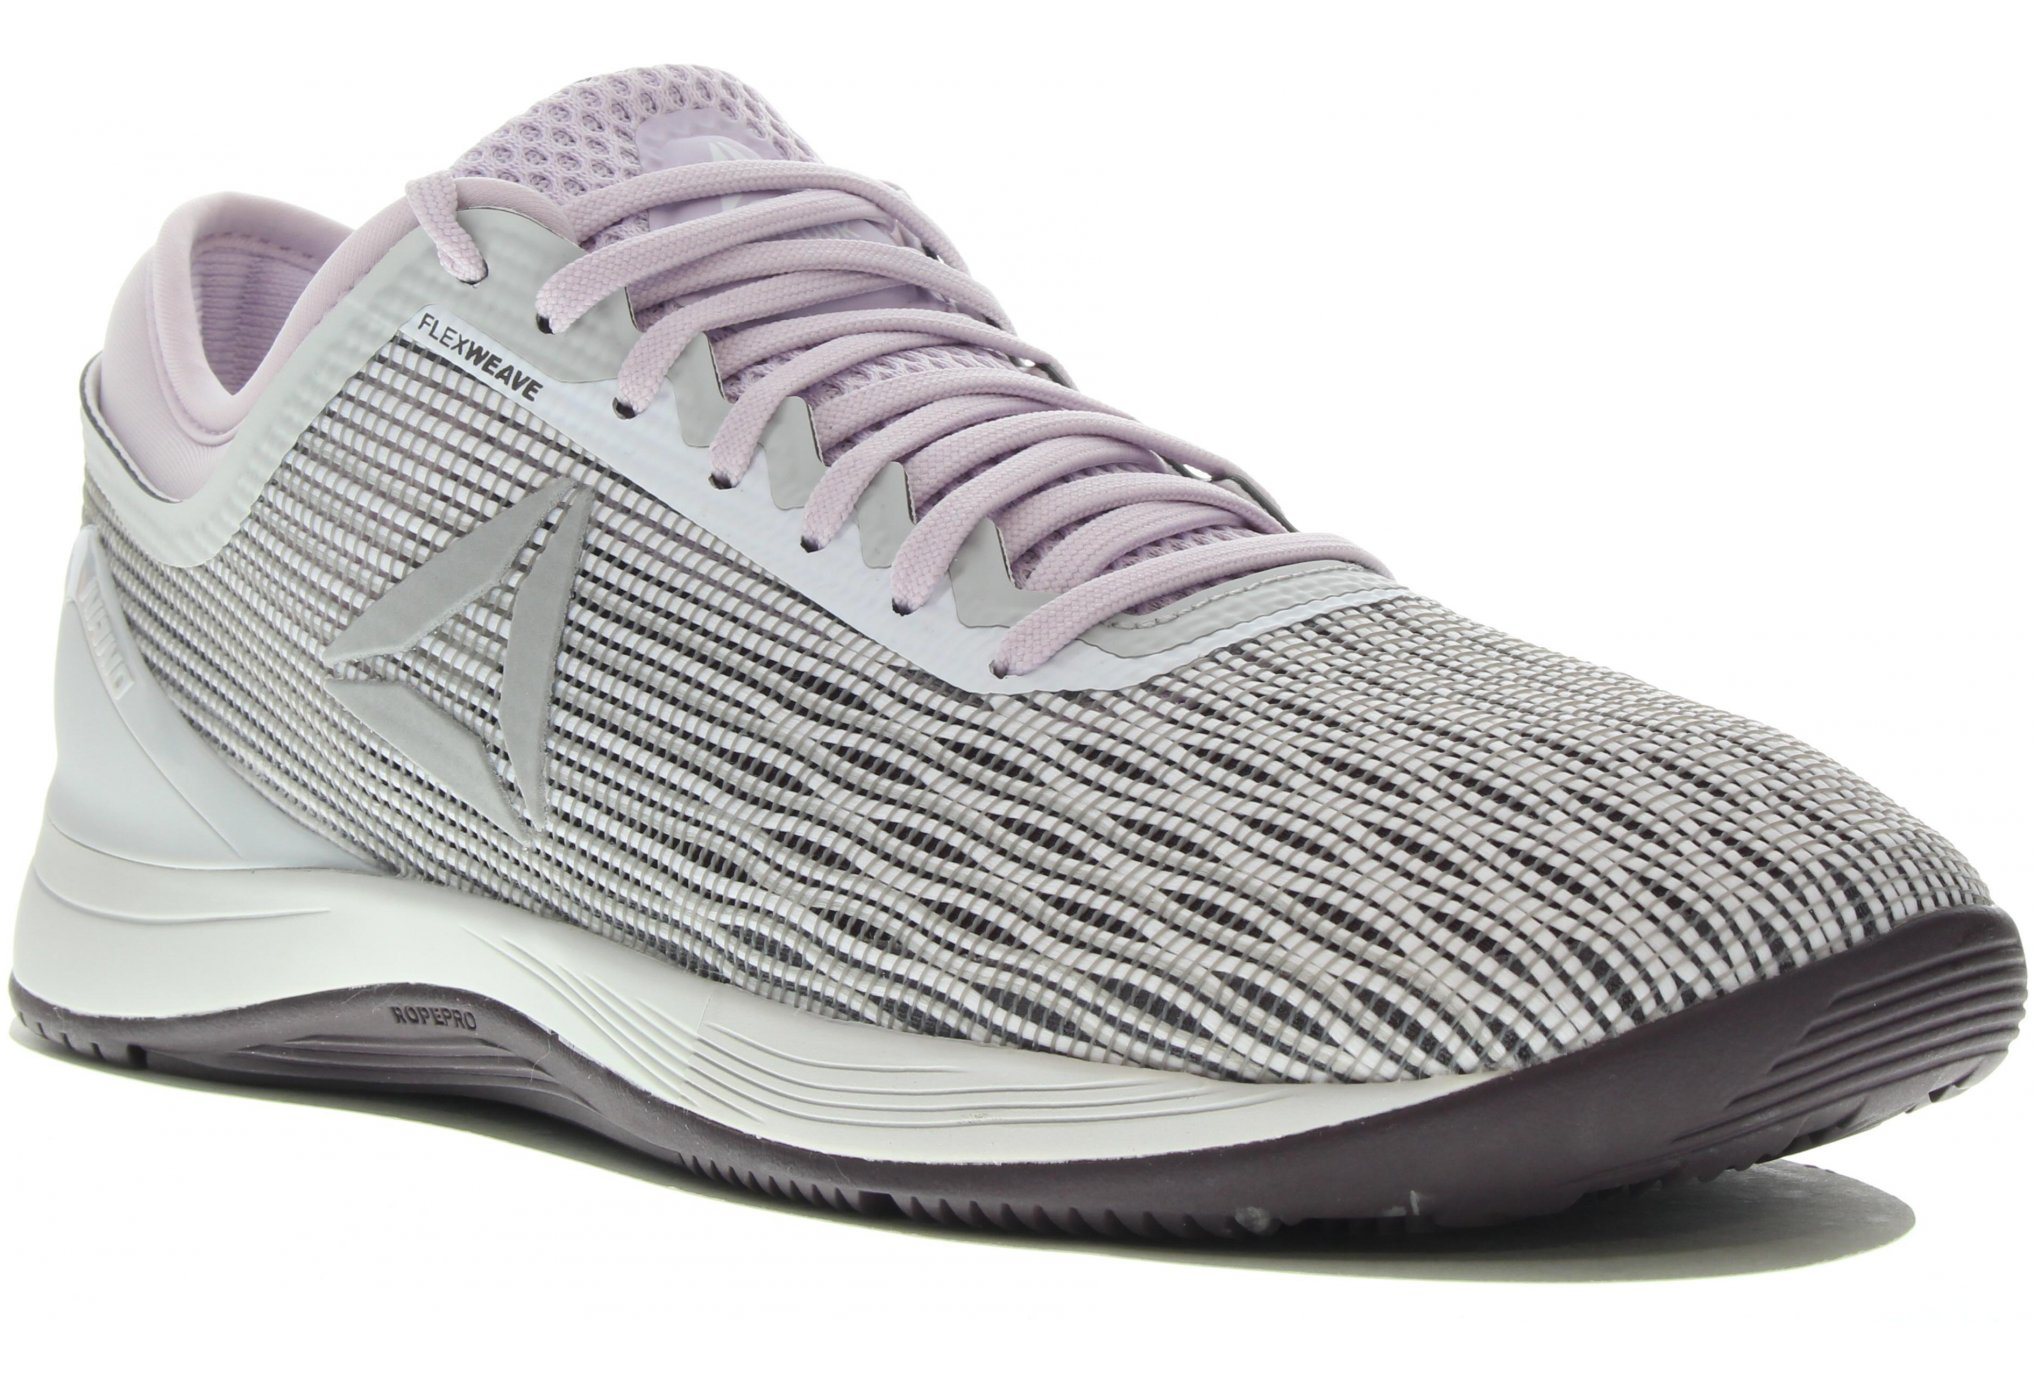 Reebok Crossfit Nano 8 Flexweave W Diététique Chaussures femme